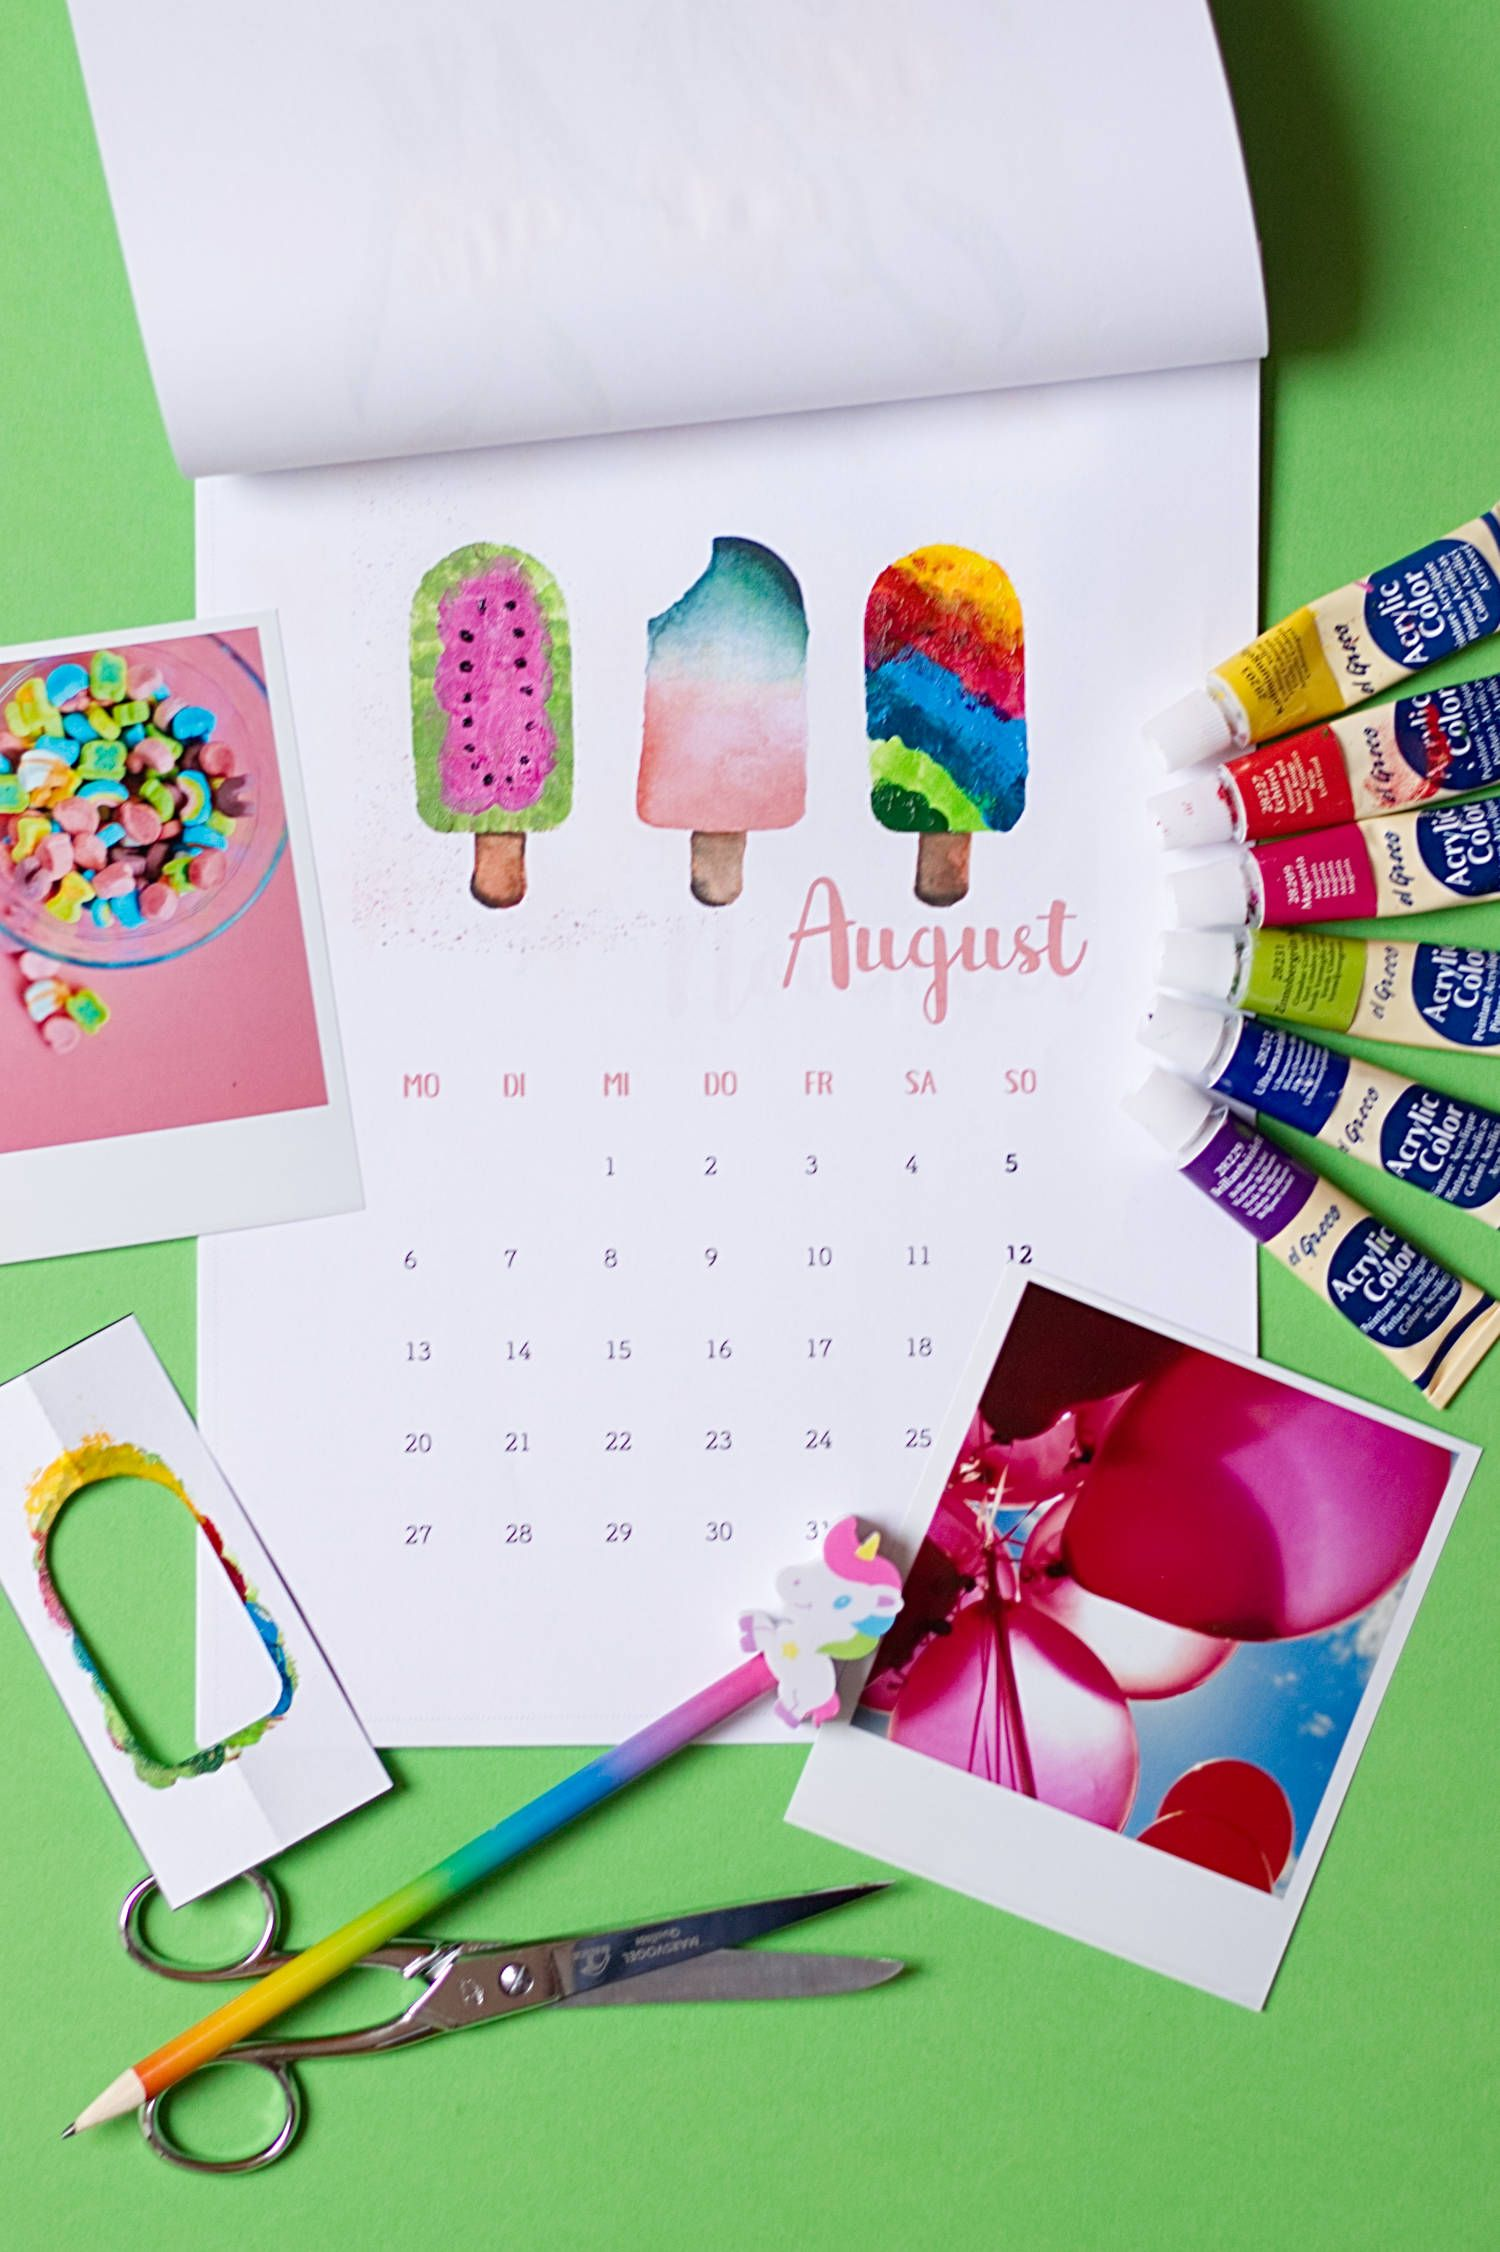 DIY Kalender 2018 zum Fingerstempeln - FREEBIE